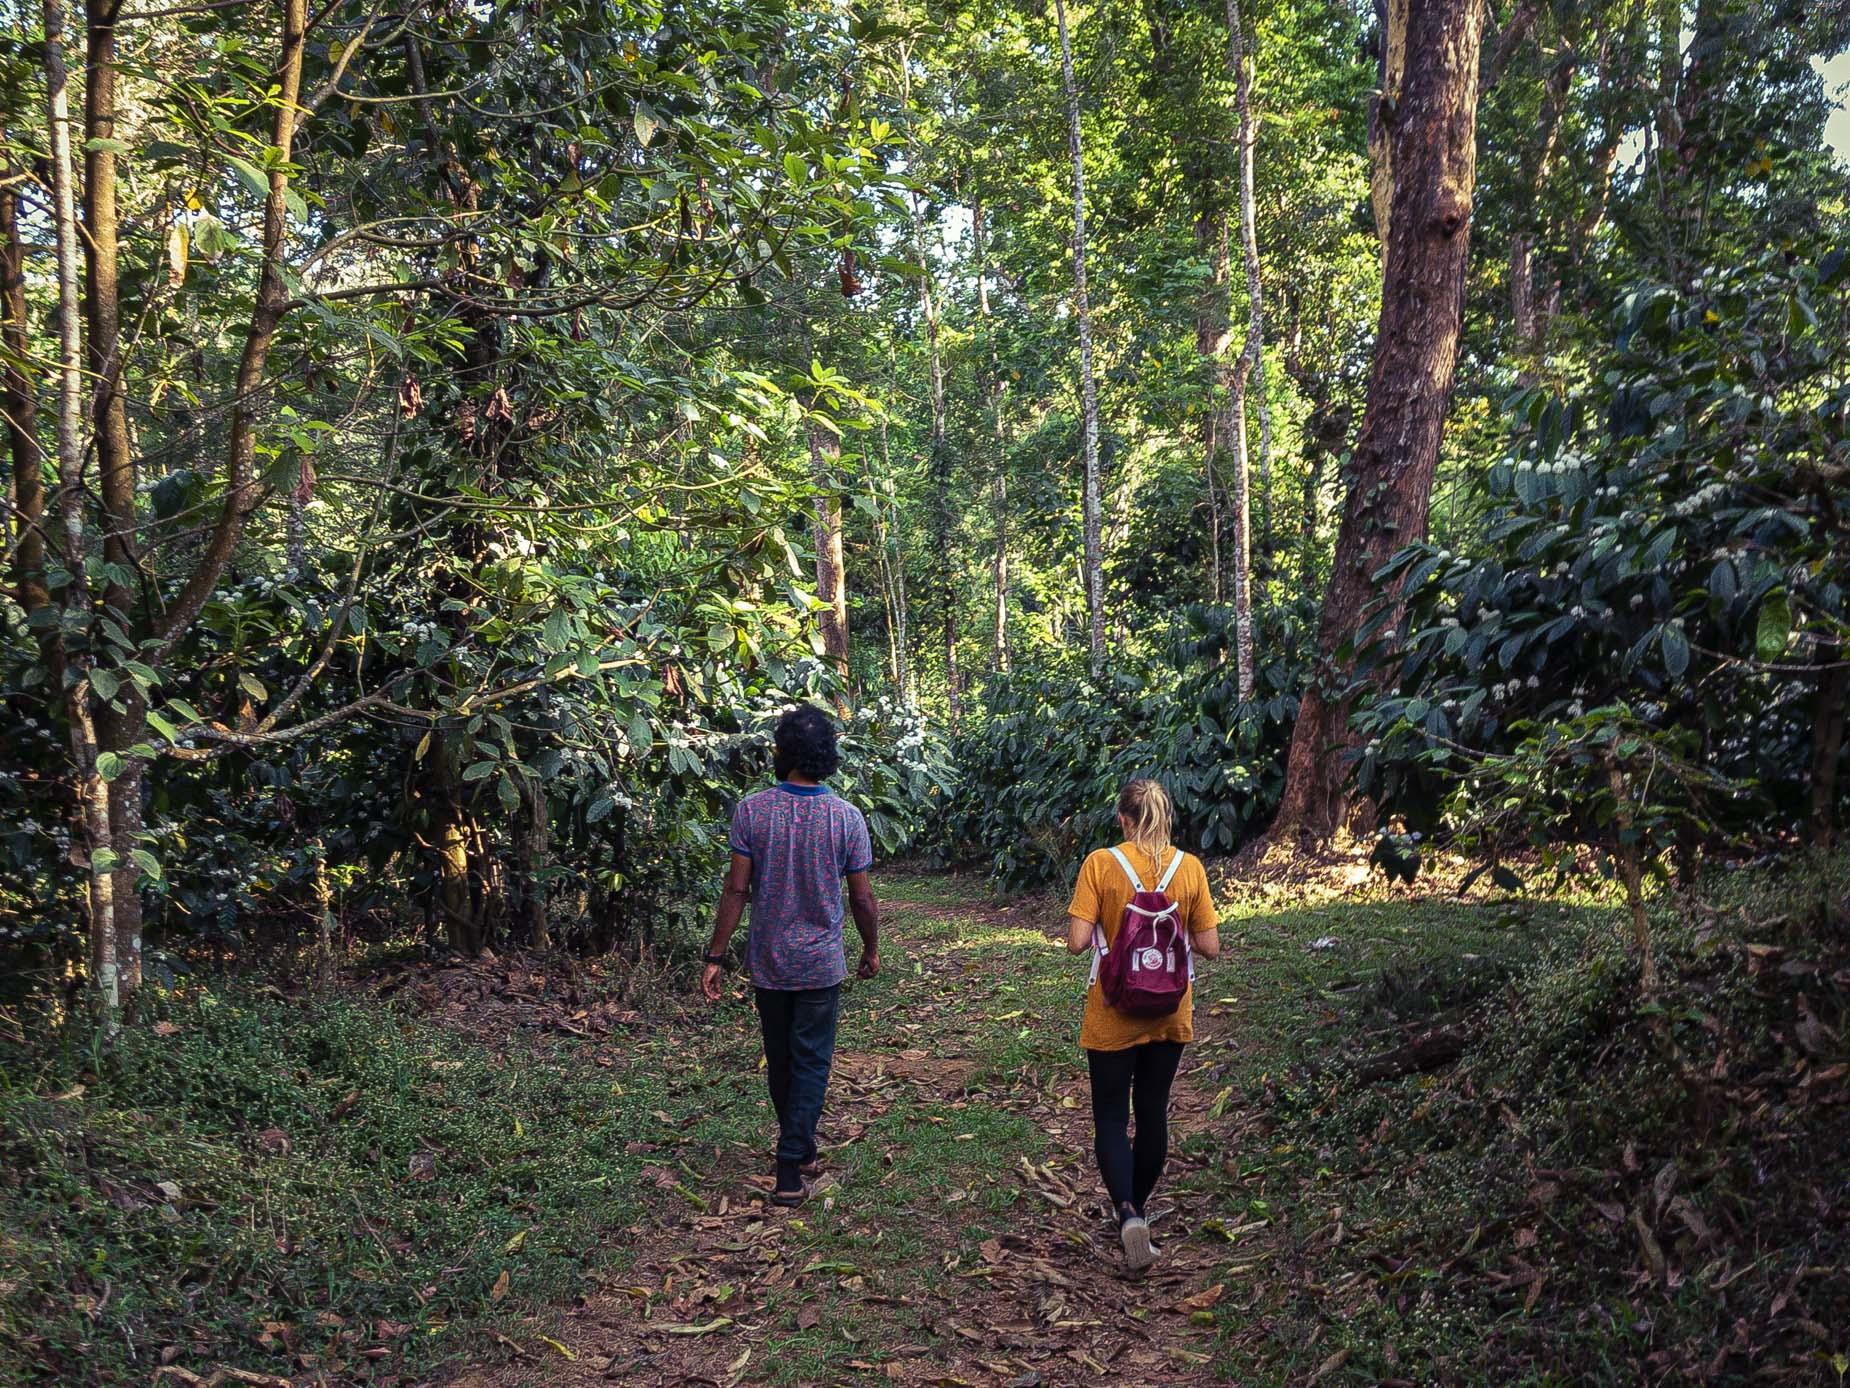 Un modèle d'agroforesterie au cœur de la forêt humide sur la chaîne des Ghâts occidentaux au Karnataka